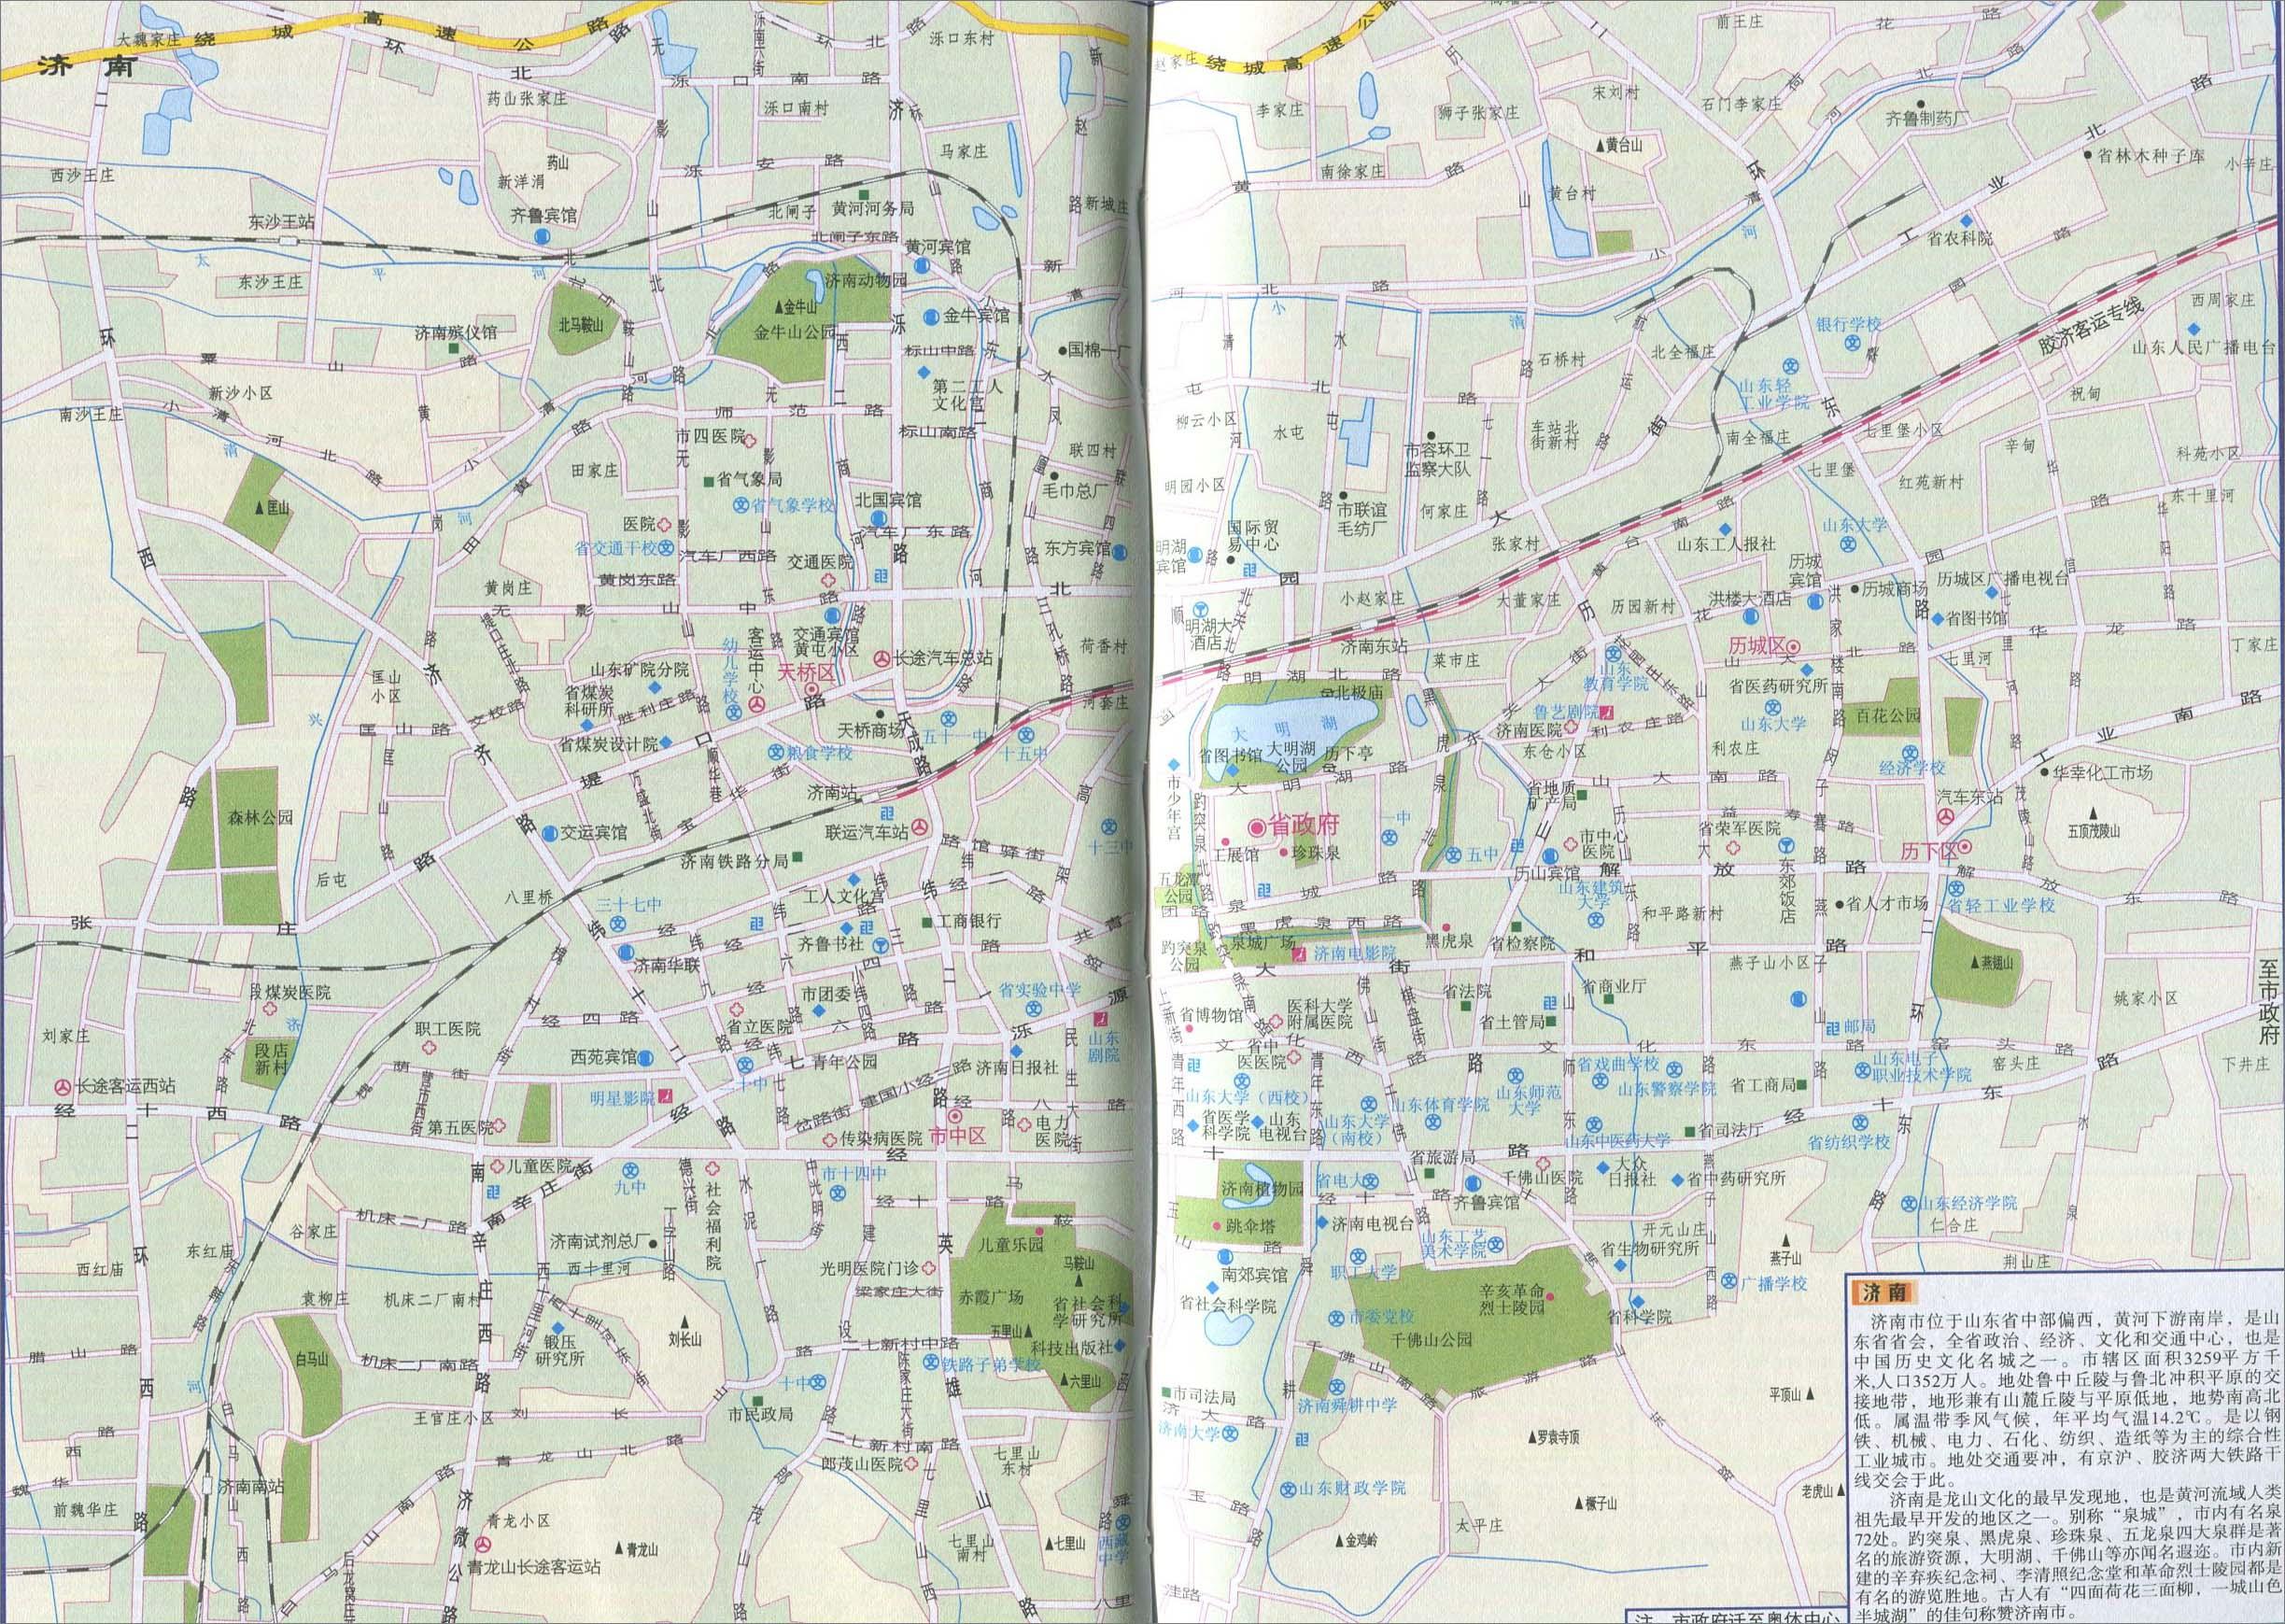 济南城区旅游地图_济南地图库